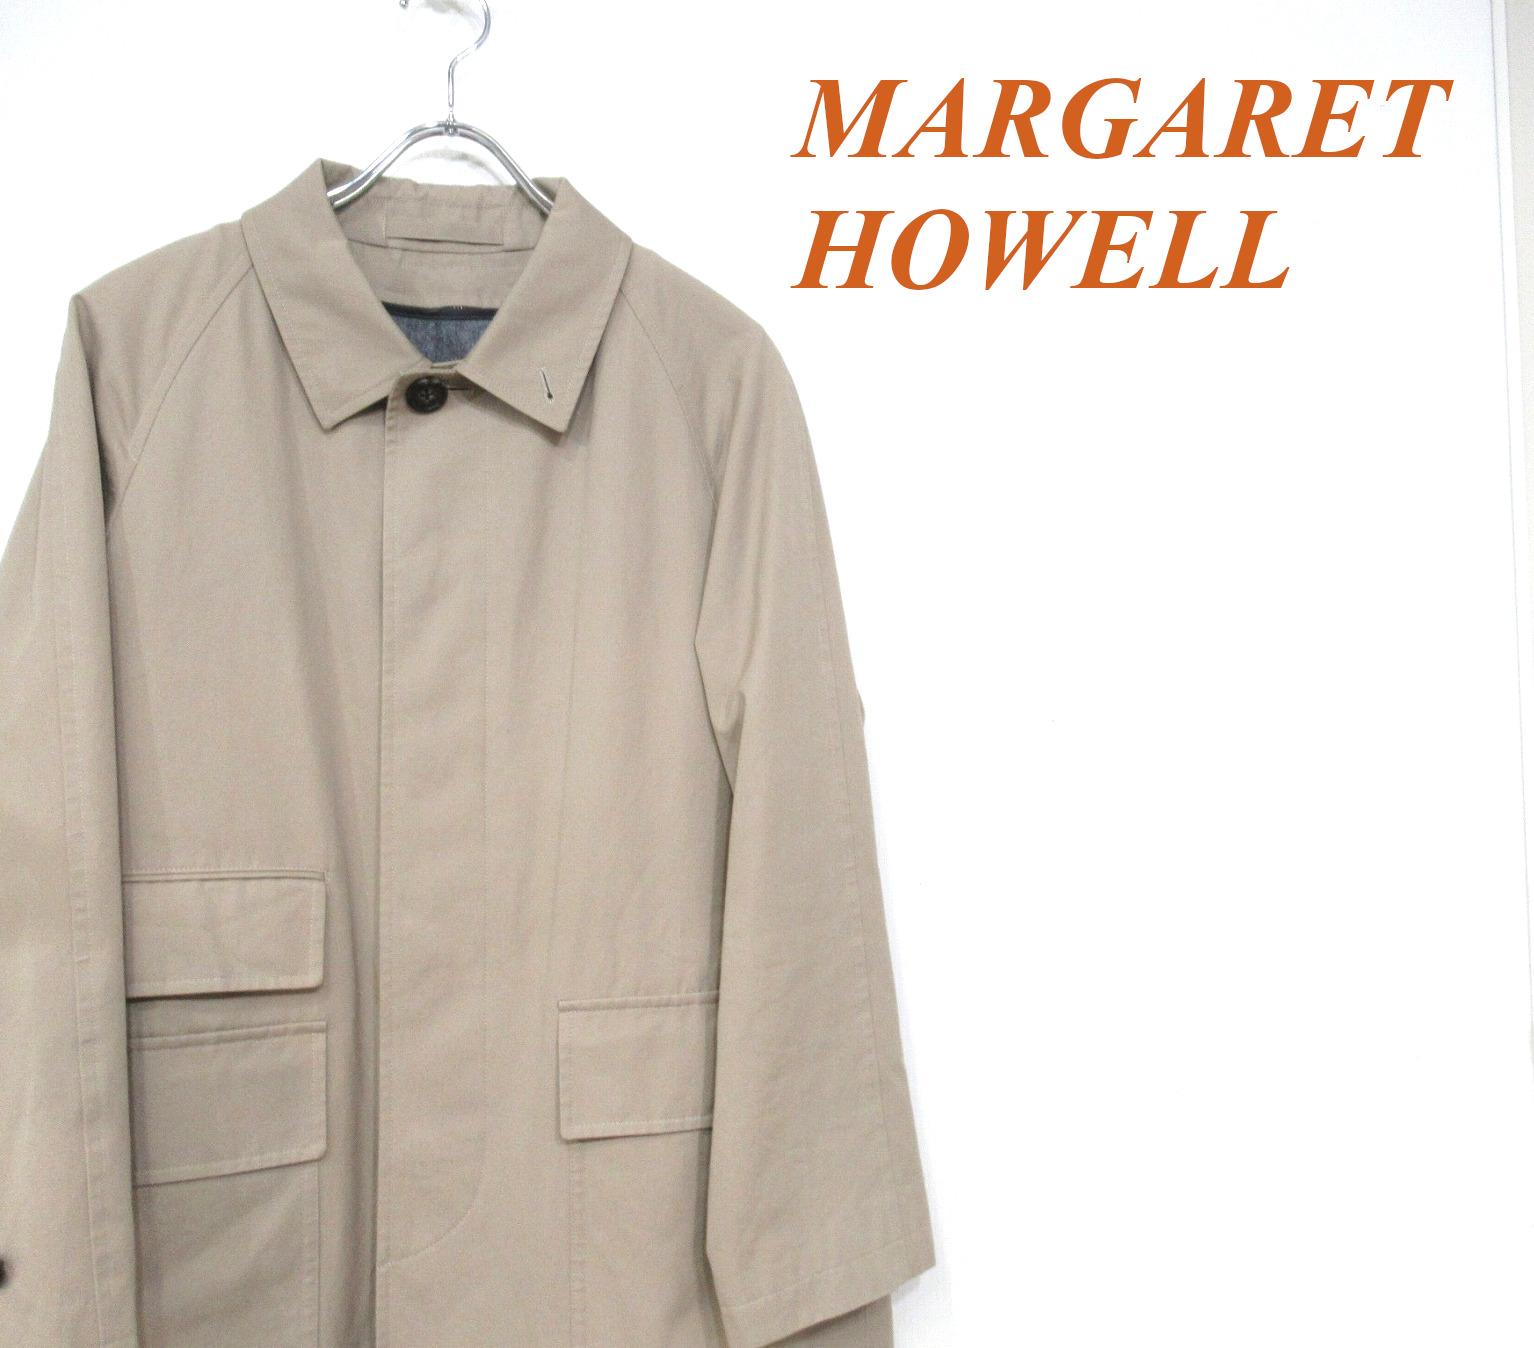 MARGARET HOWELL(マーガレットハウエル)より、オンオフ使えるステンカラーコート買取入荷!